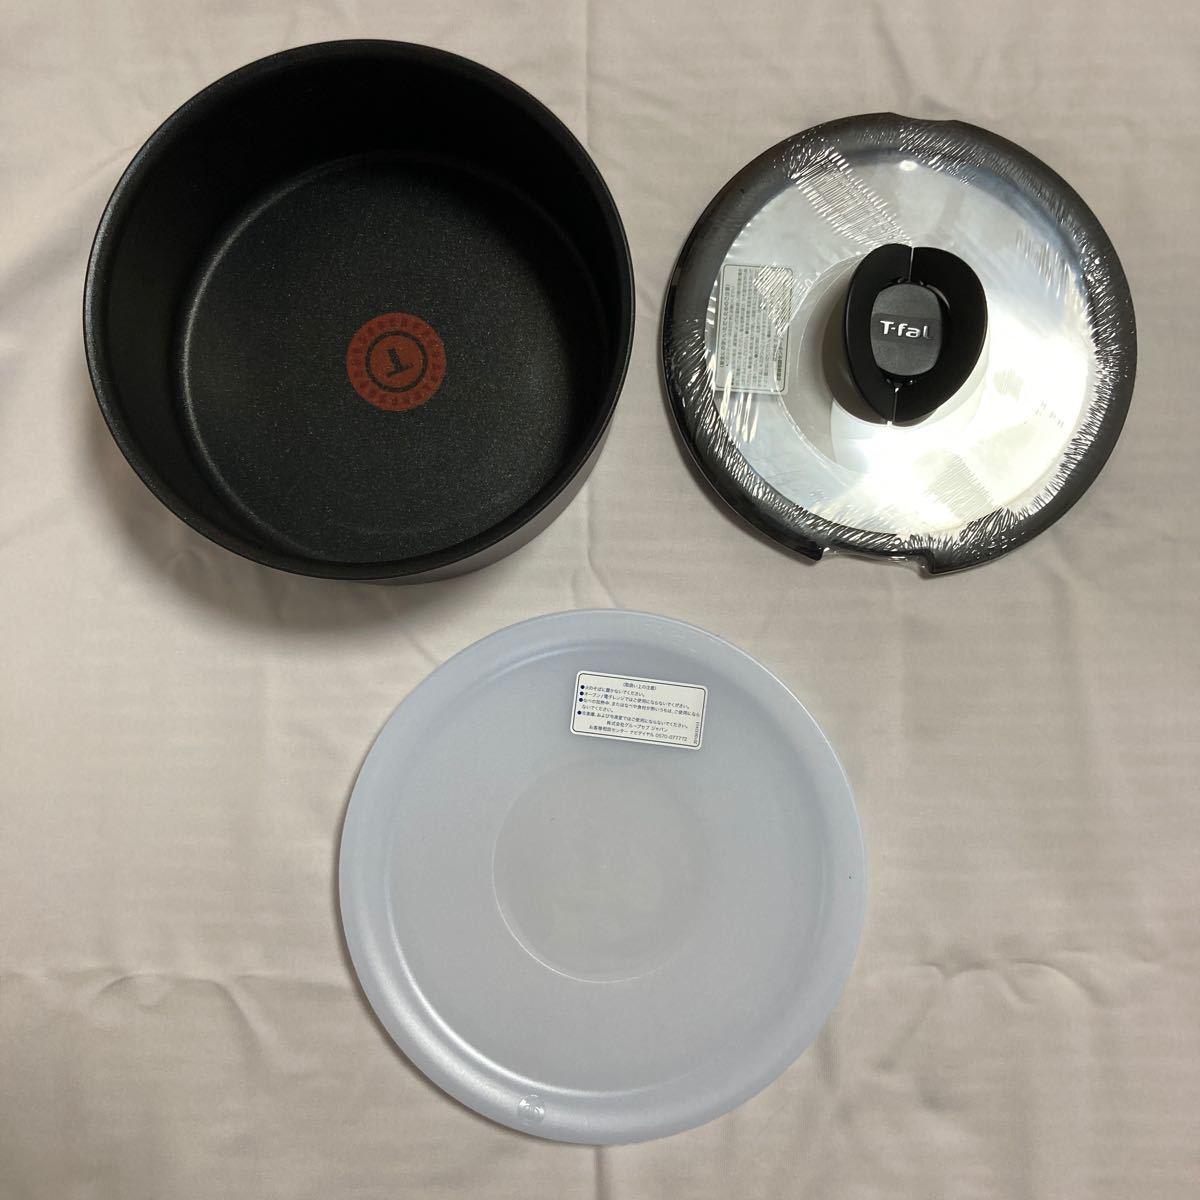 ティファール インジニオ・ネオ ブルゴーニュ ソースパン20cm 3点セット  IH対応